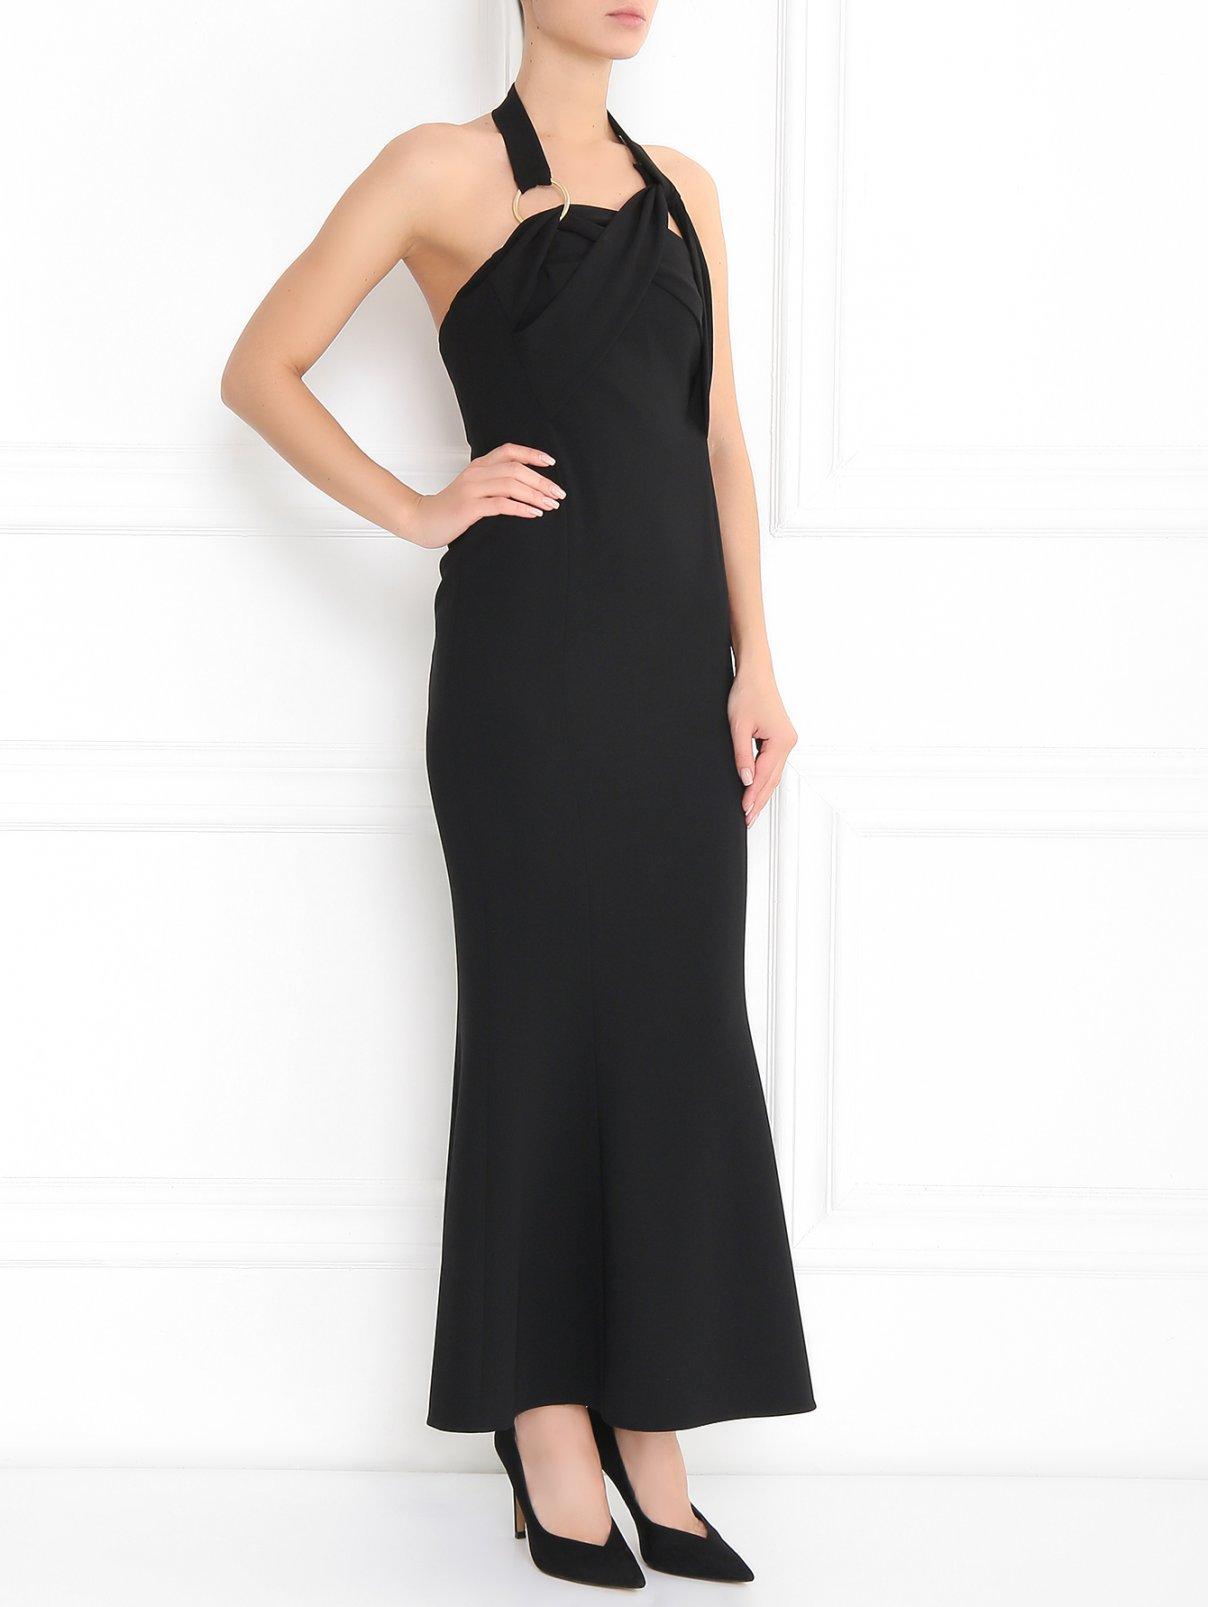 Платье-футляр на бретелях Diane von Furstenberg  –  Модель Общий вид  – Цвет:  Черный